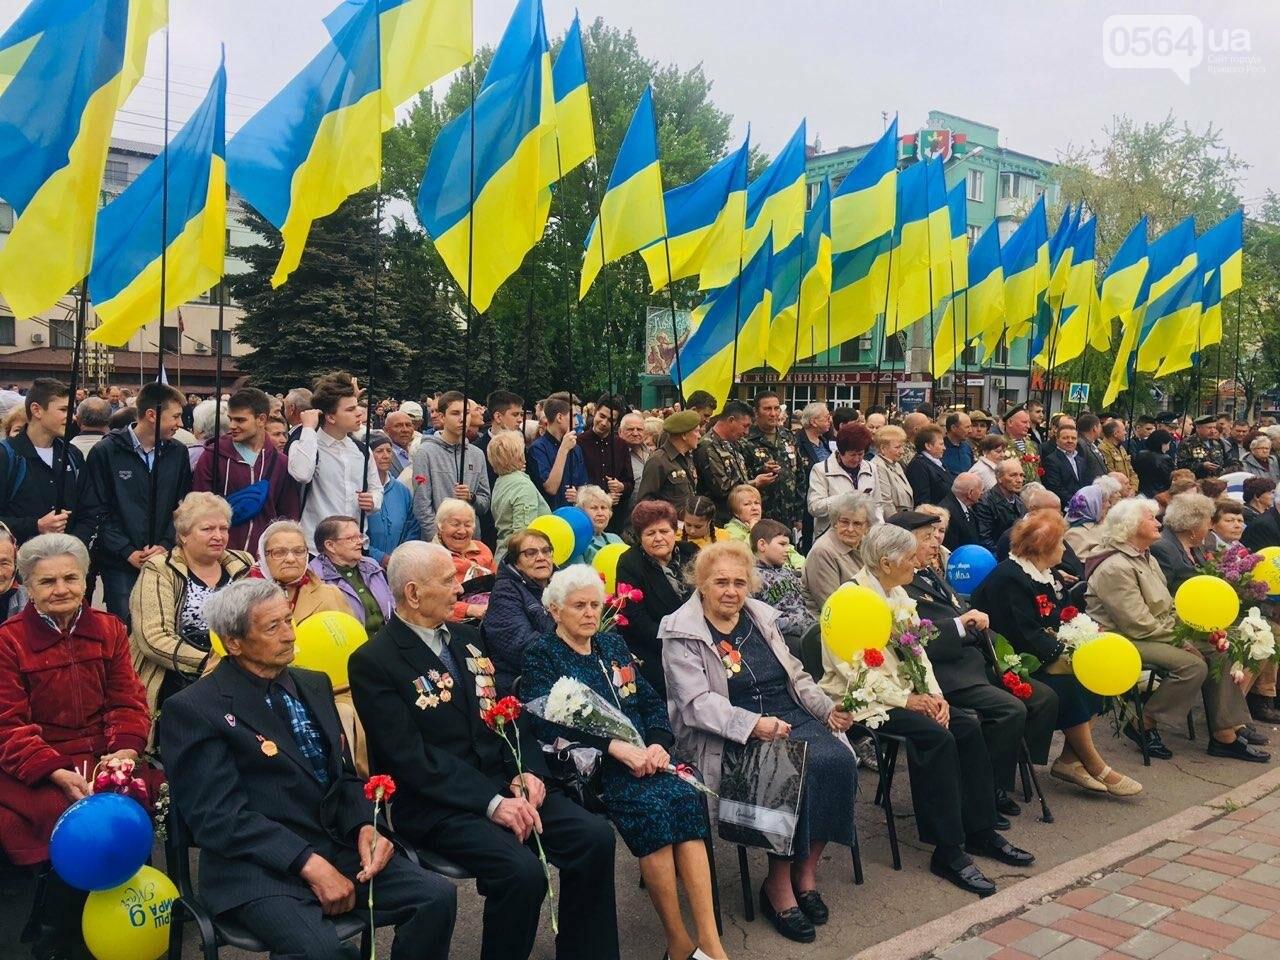 """9 мая в Кривом Роге: """"Марш мира"""" в Покровском районе стал самым массовым мероприятием, - ФОТО, фото-1"""